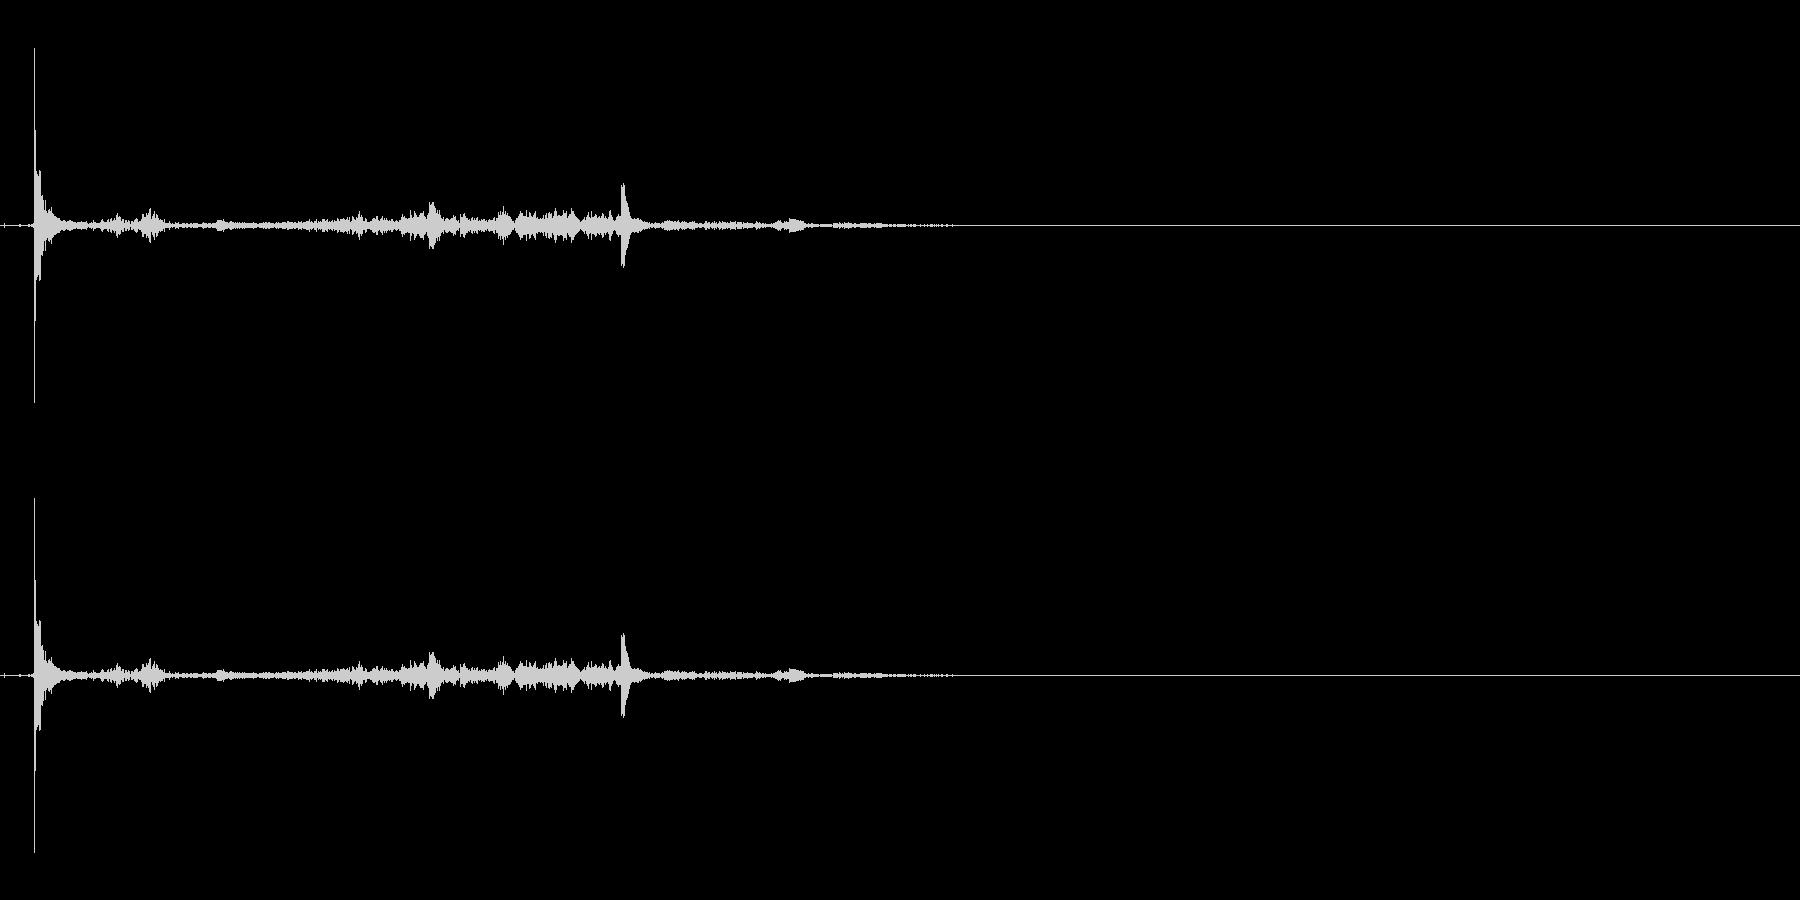 蓋を閉める音の未再生の波形